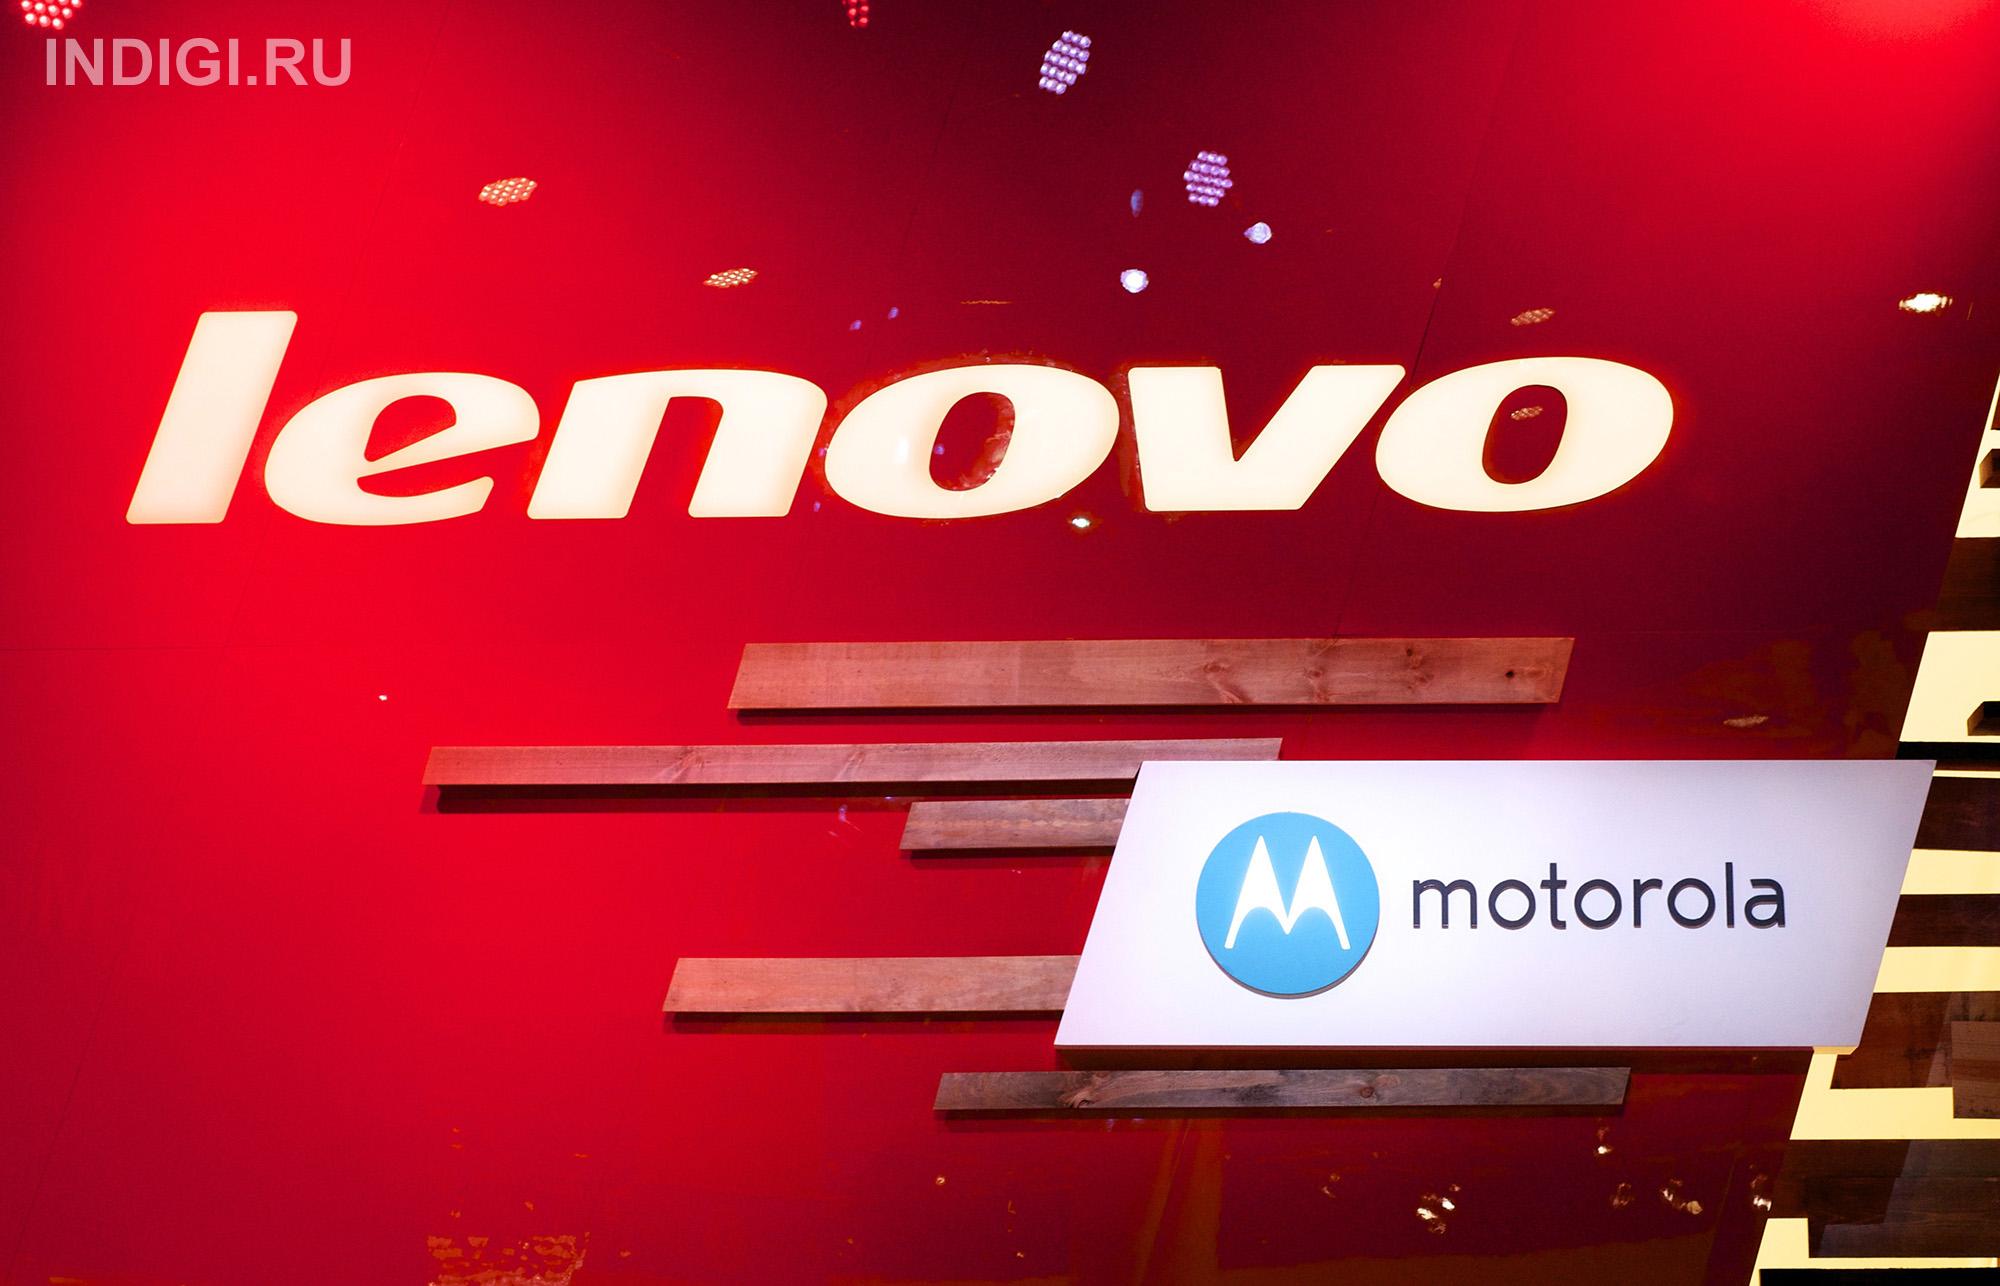 Все подробности о спецификациях Moto G5 и Moto G5 Plus